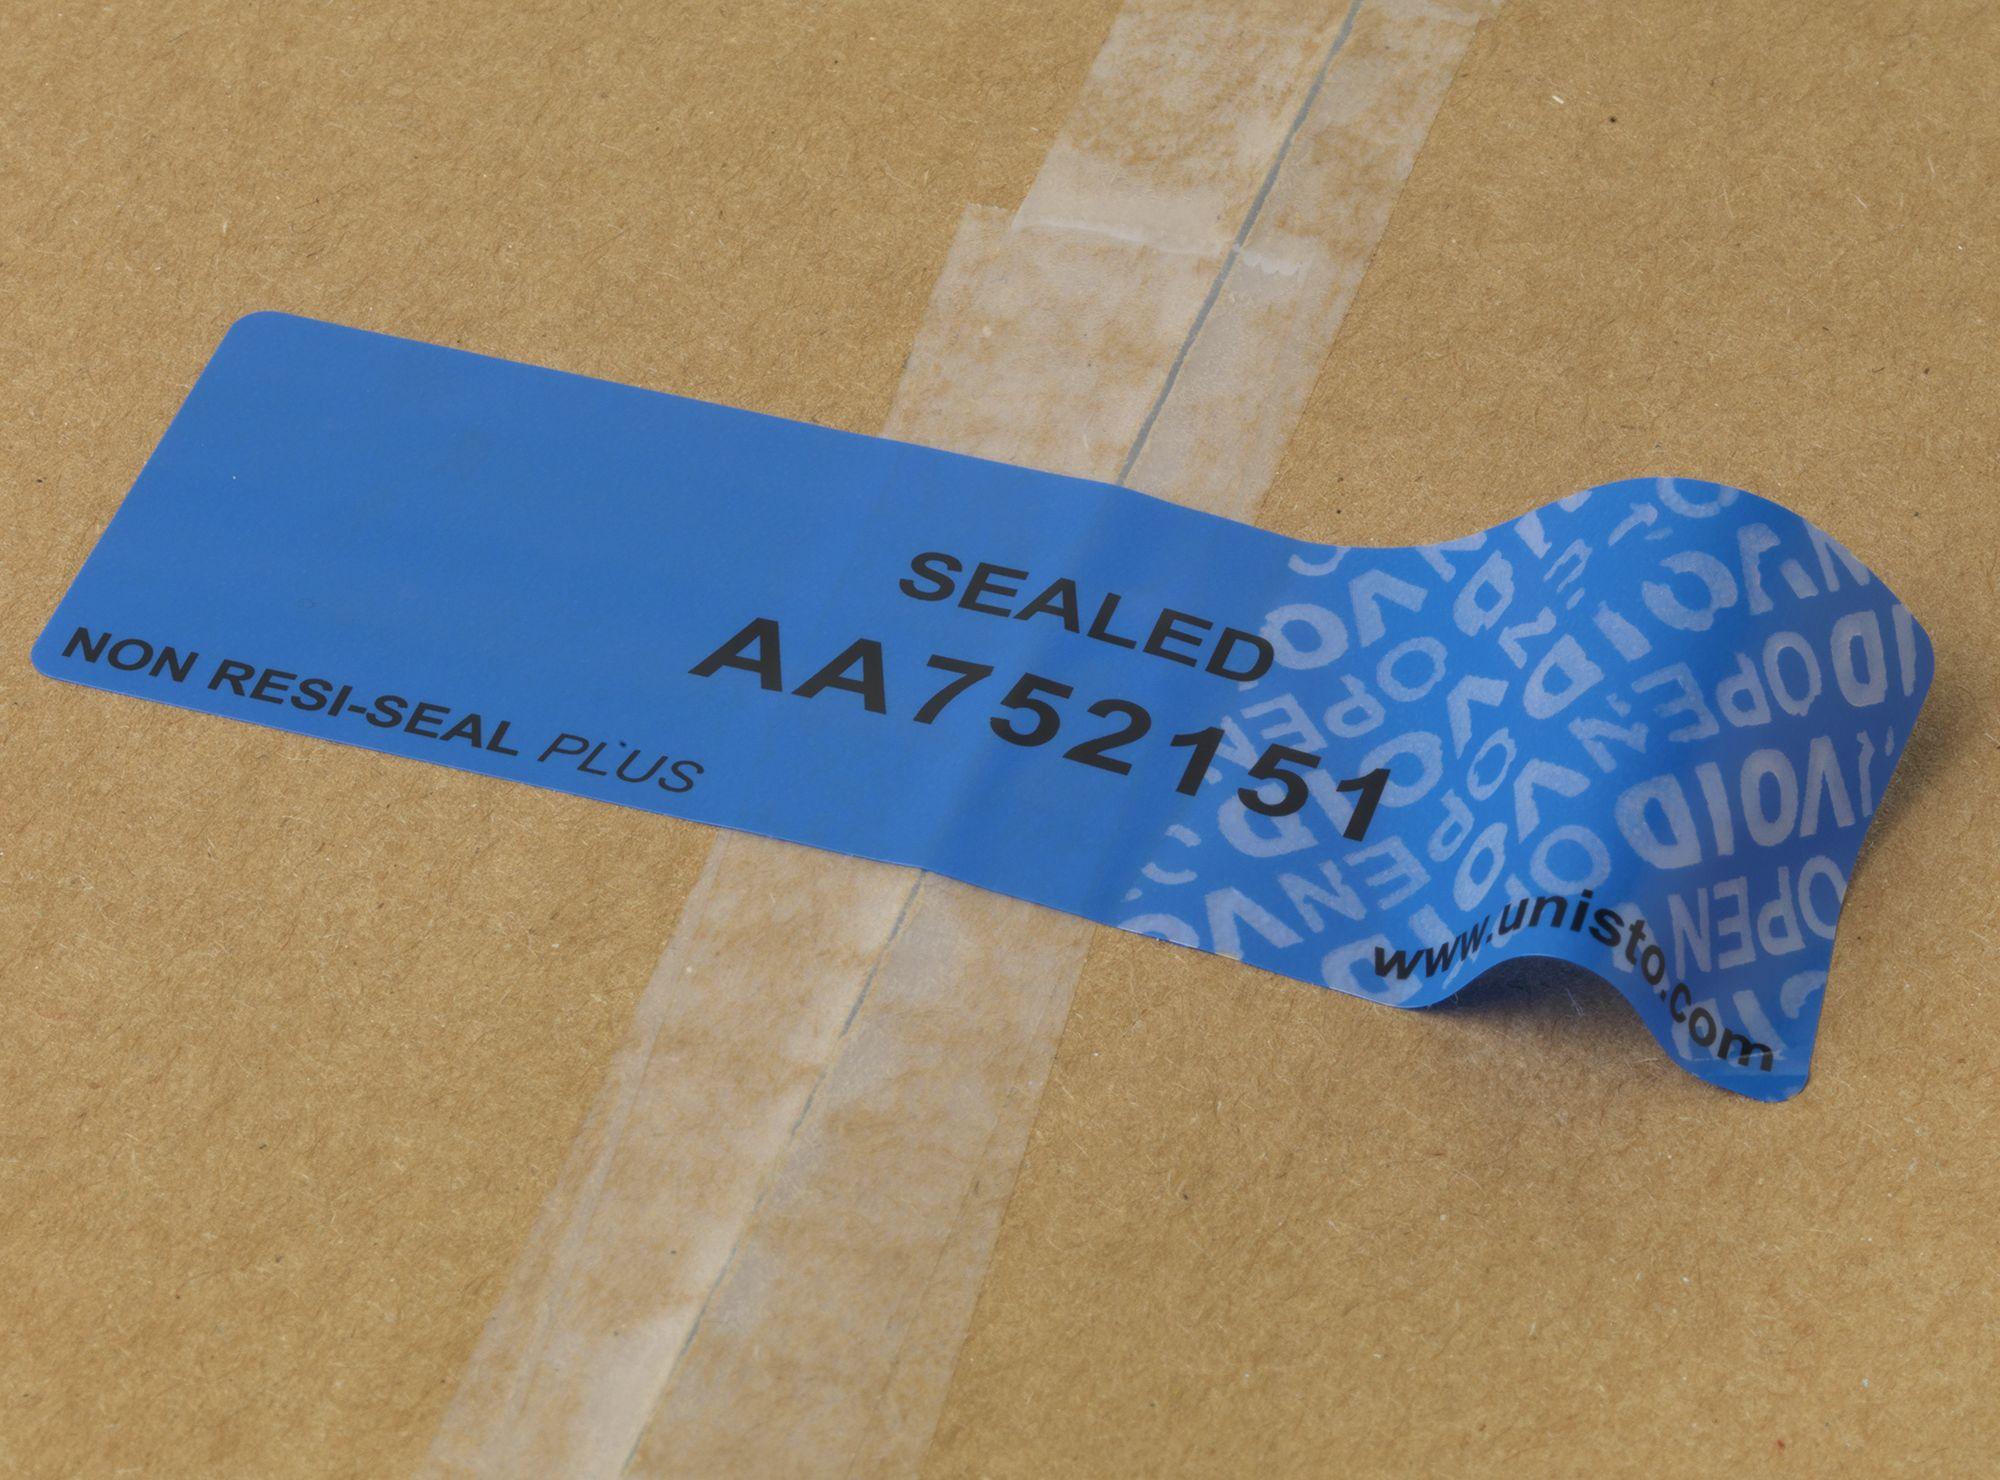 Etichetta di sicurezza Unisto Non Resi Seal Plus